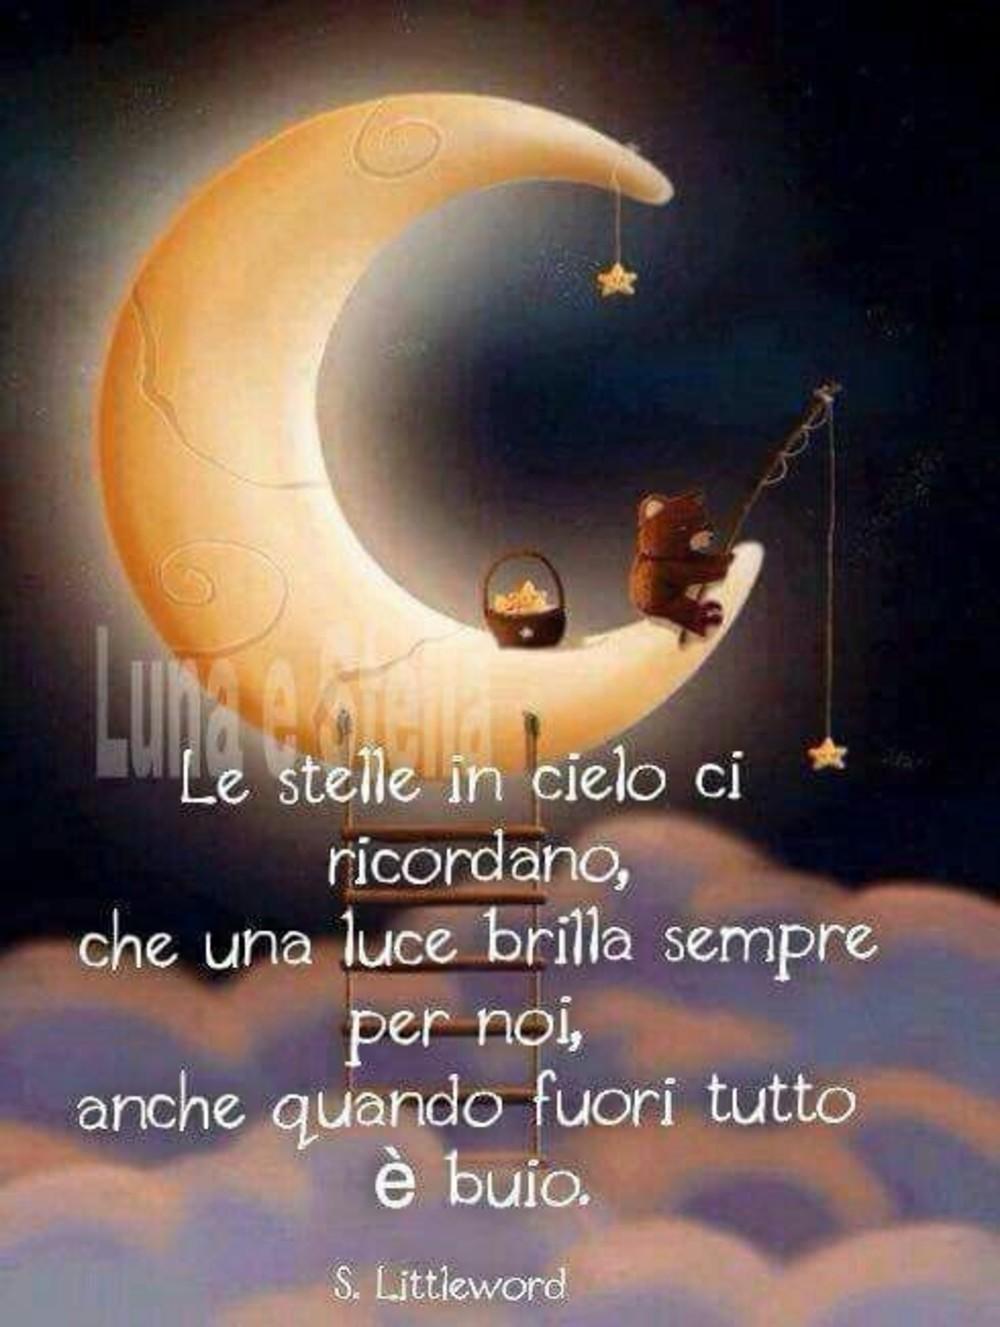 Belle Immagini Buonanotte Favolose 11 Buongiornocolsorriso It